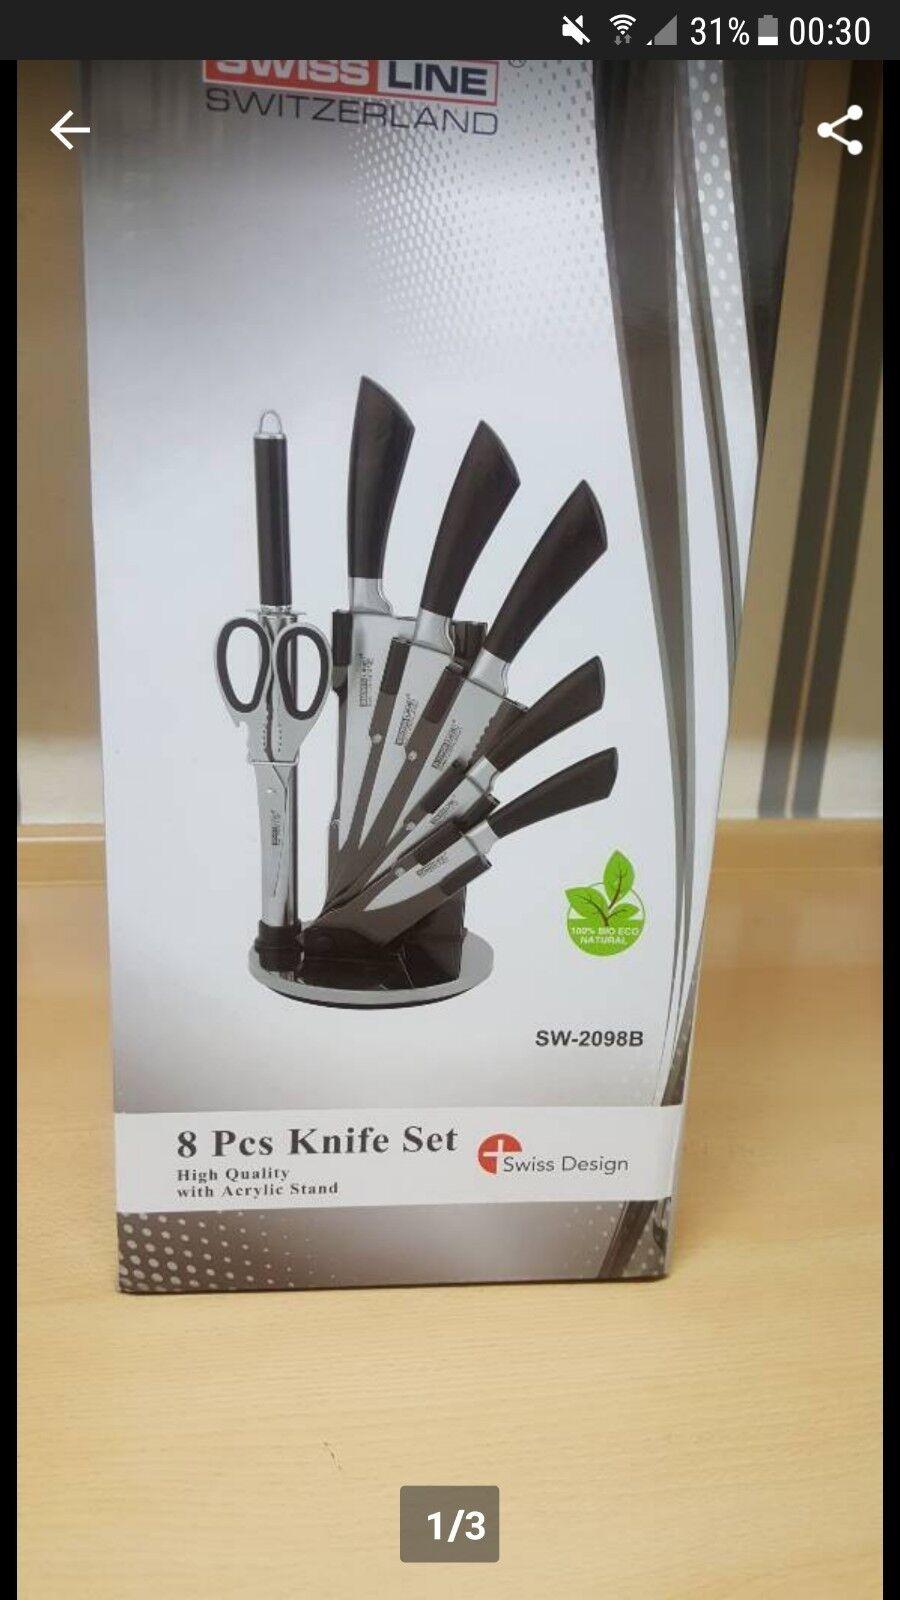 Messerset Messer hochwertig hochwertig hochwertig  NEU 100%BioEcoNatural ec4df4